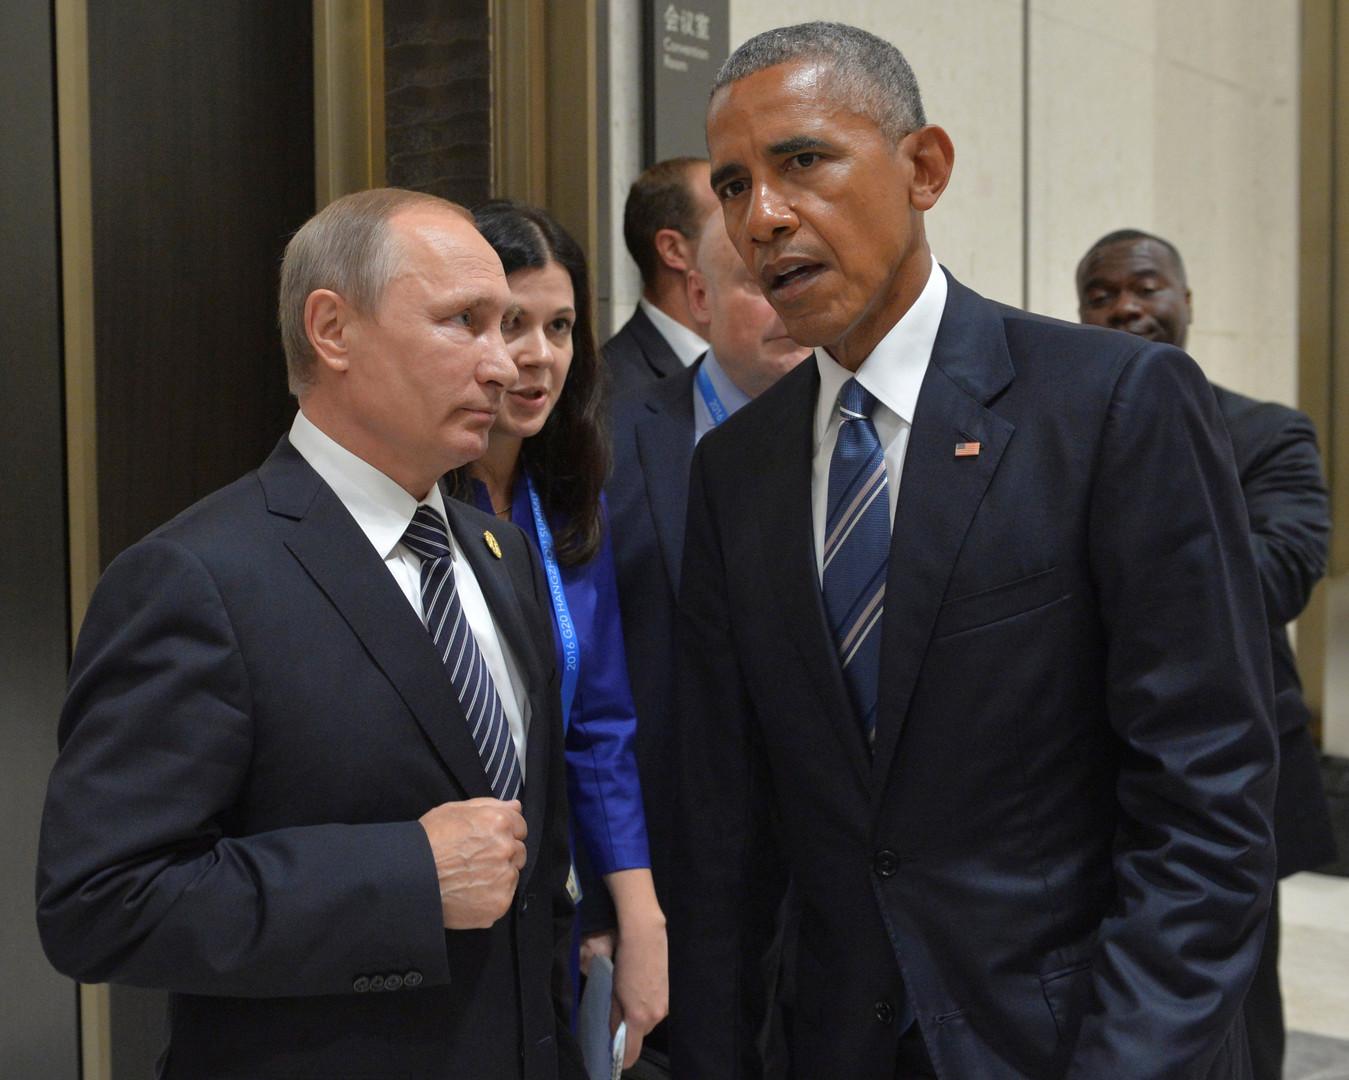 Владимир Путин и Барак Обама на полях G20 провели переговоры по Украине и Сирии